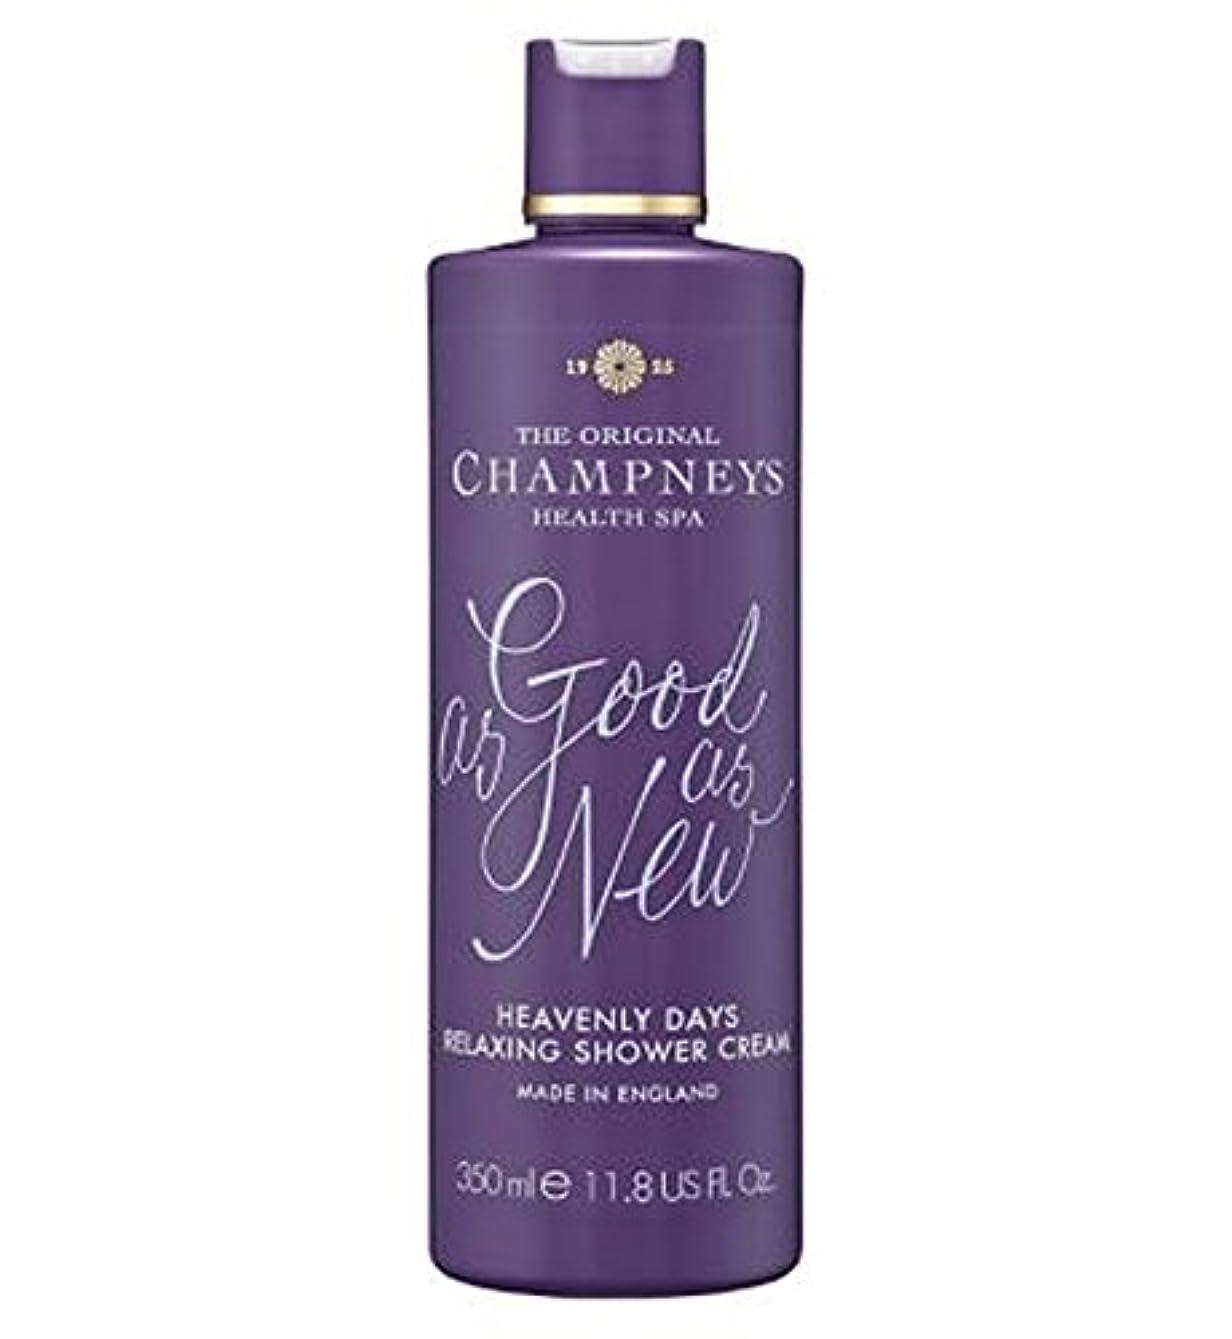 スチール地球限界Champneys Heavenly Days Relaxing Shower Cream 350ml - チャンプニーズ天の日のリラックスシャワークリーム350ミリリットル (Champneys) [並行輸入品]